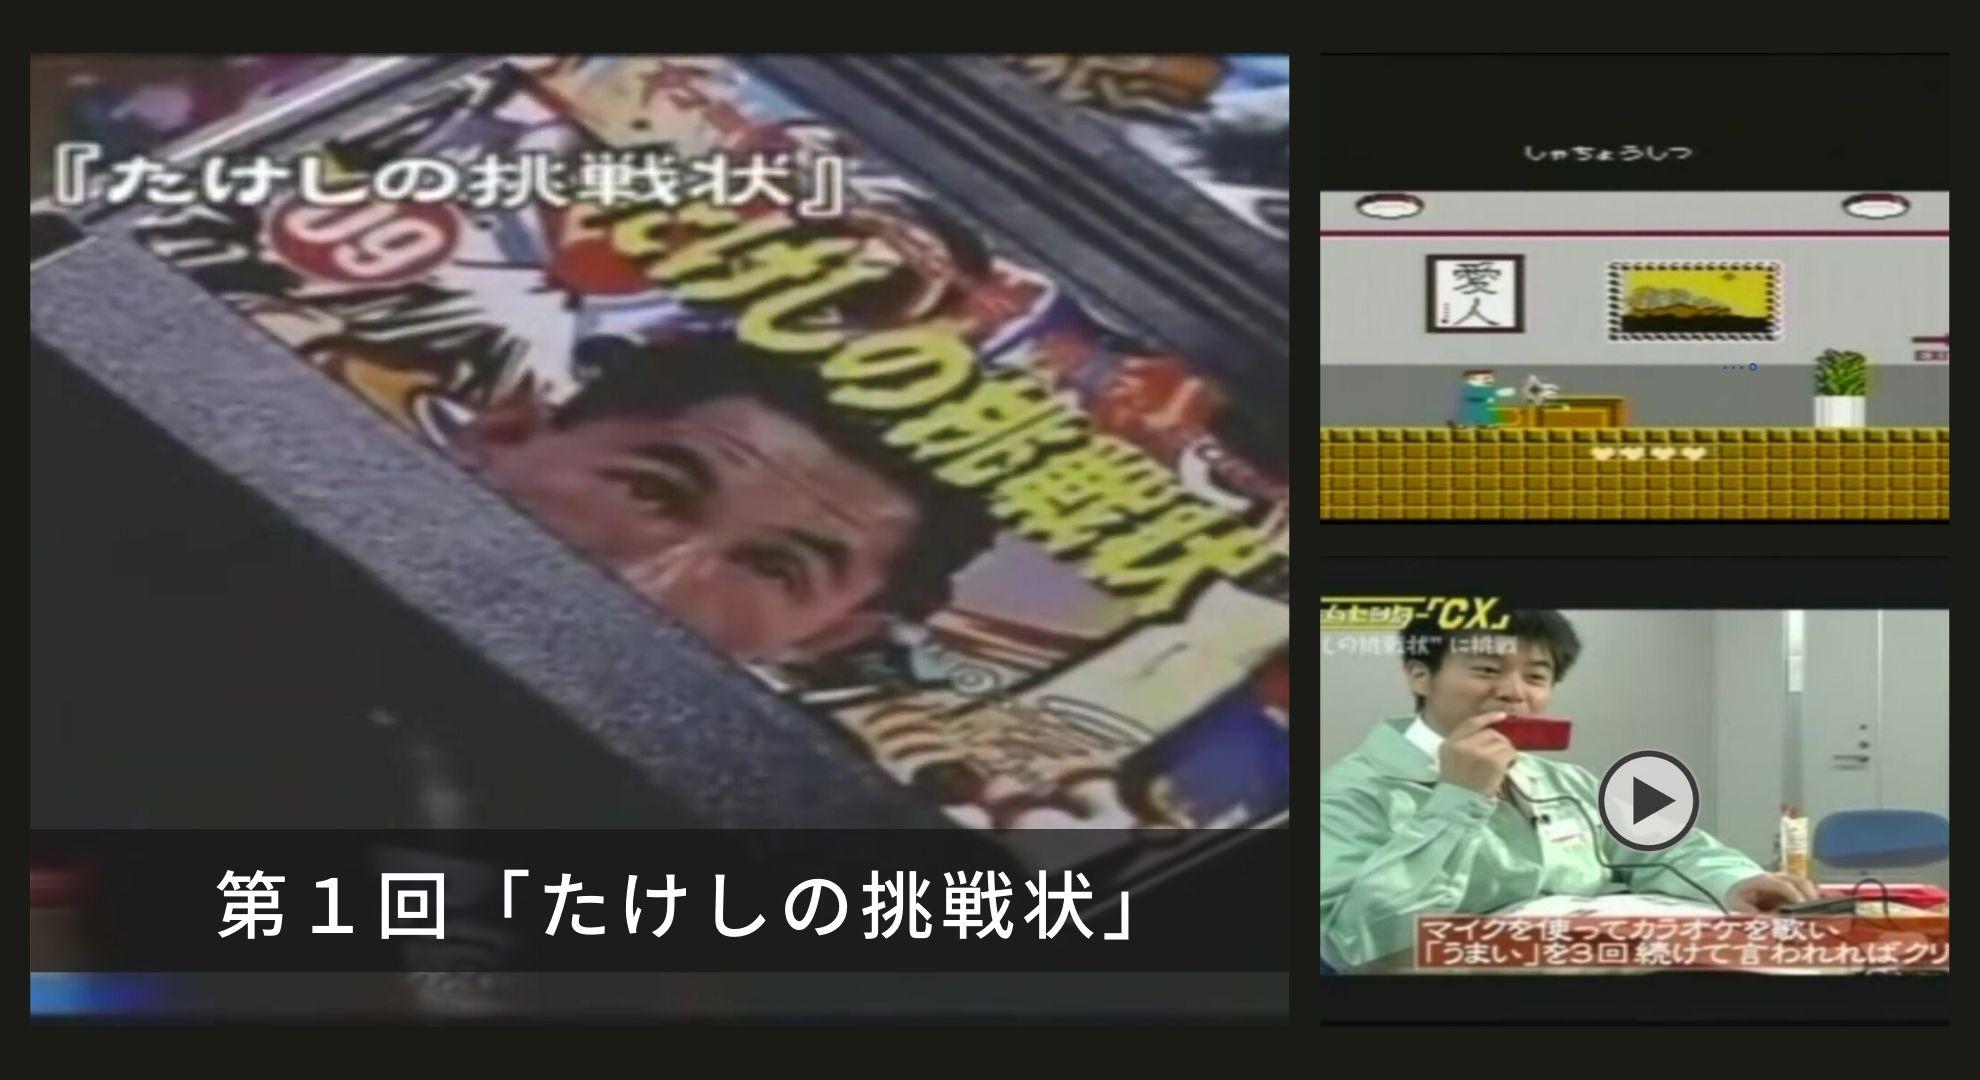 動画 ゲーム まとめ cx センター